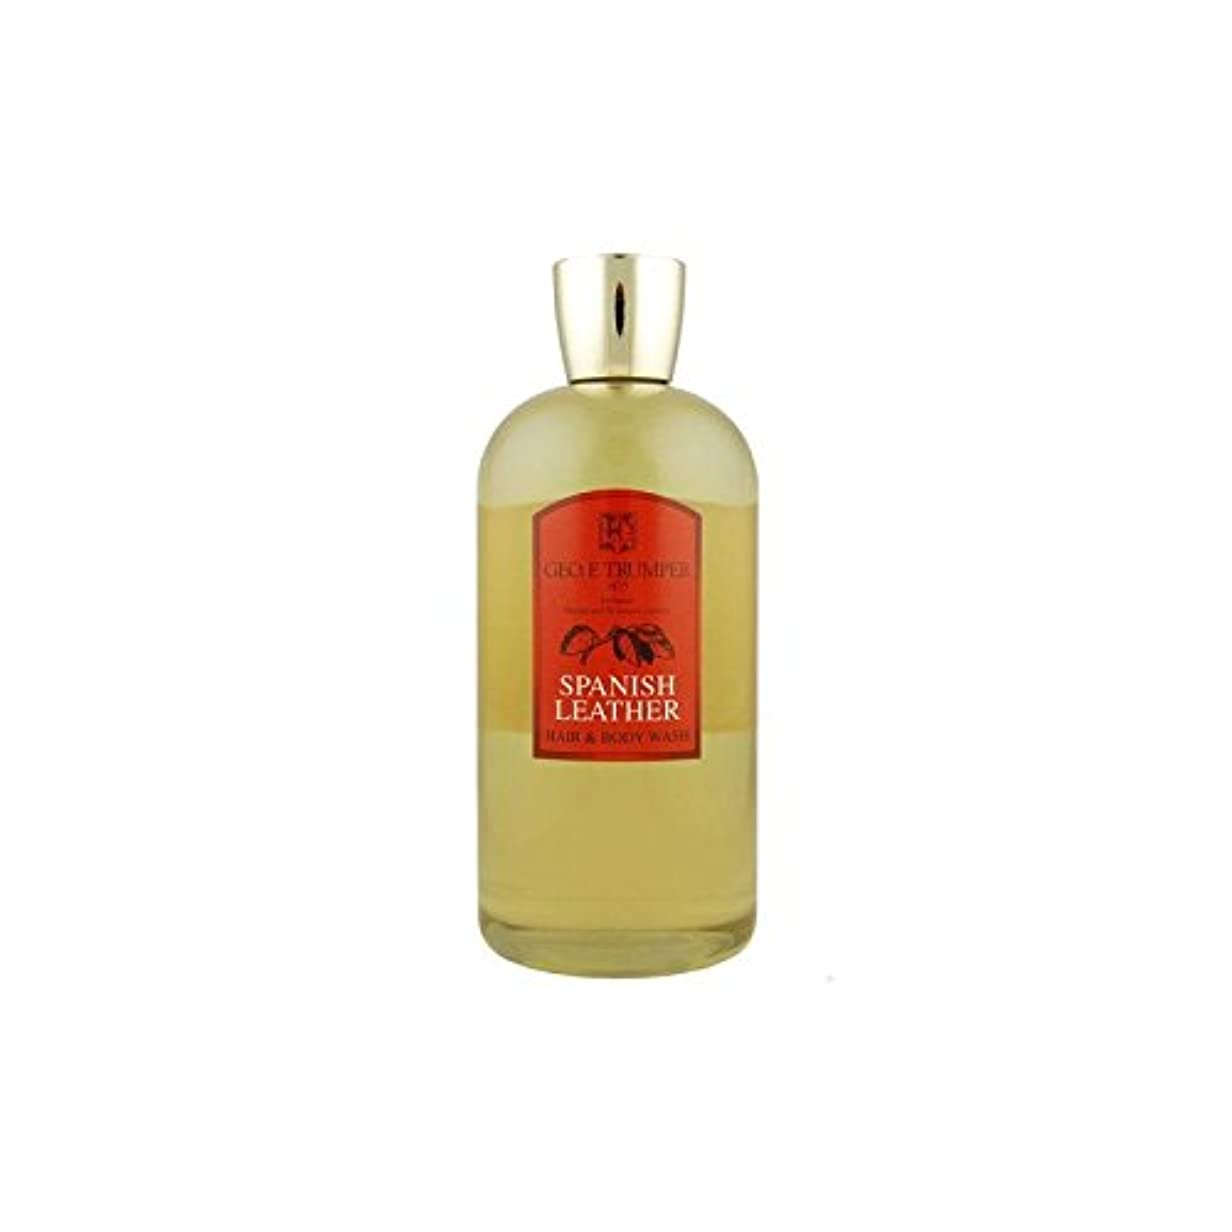 電気技師ドロー驚いたことに革の髪とボディウォッシュスペイン語 - 500ボトル x4 - Trumpers Spanish Leather Hair and Body Wash - 500mlTravel Bottle (Pack of 4) [...